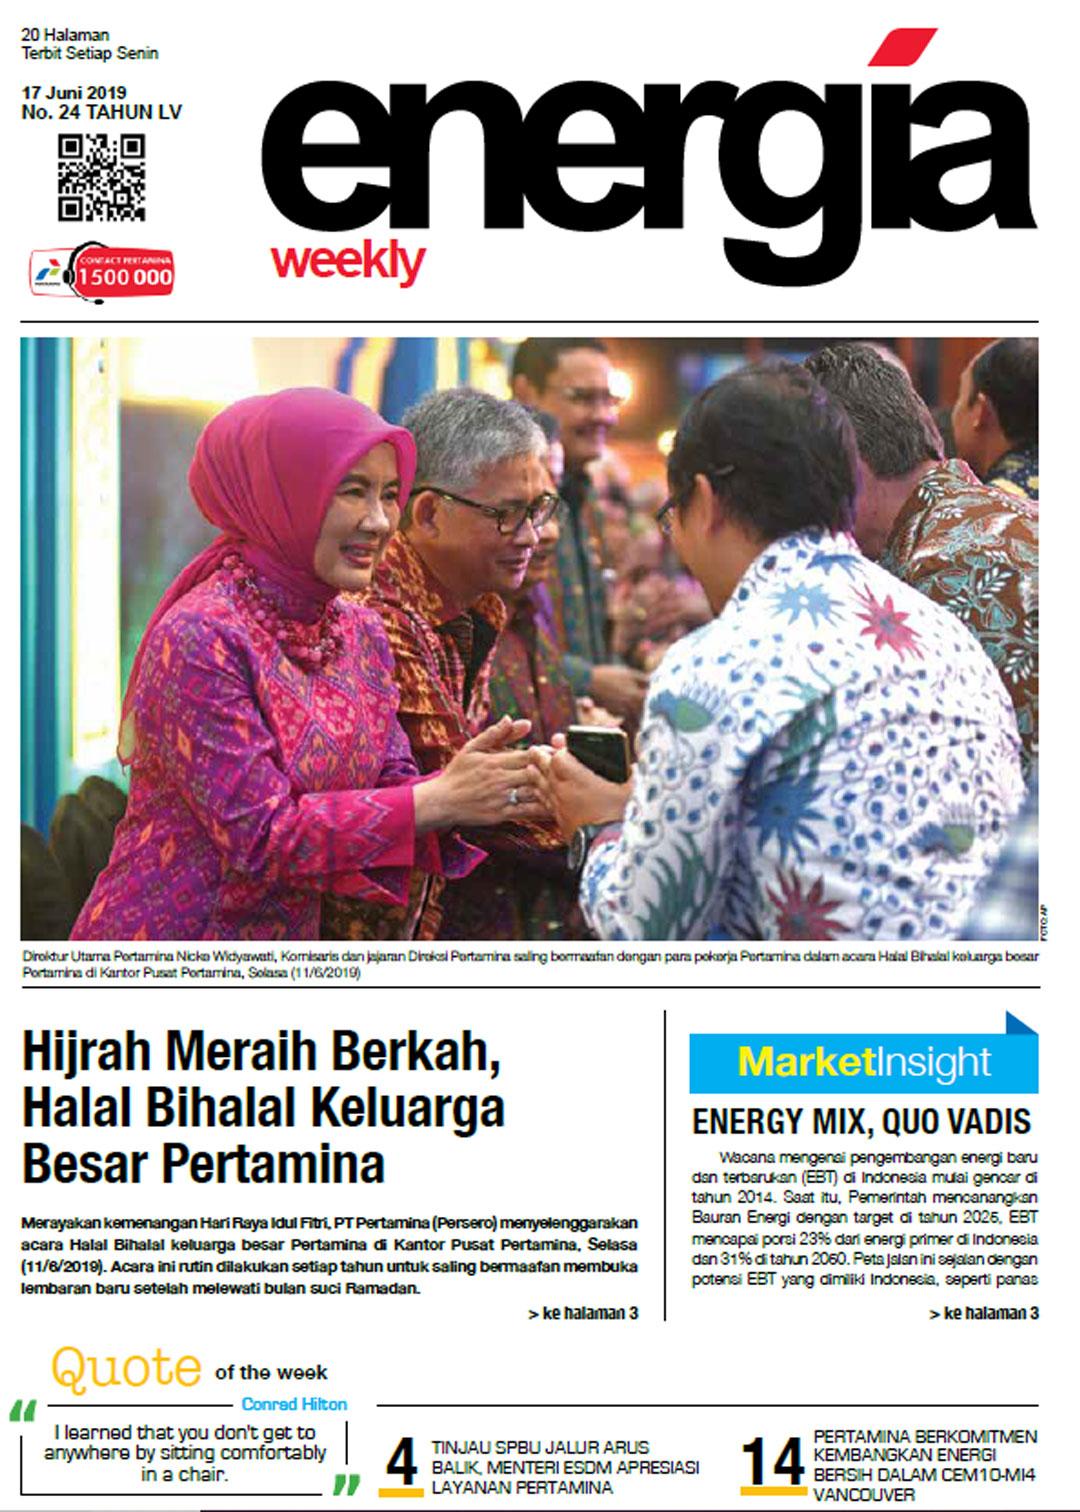 Energia Weekly 3rd Week of June 2019